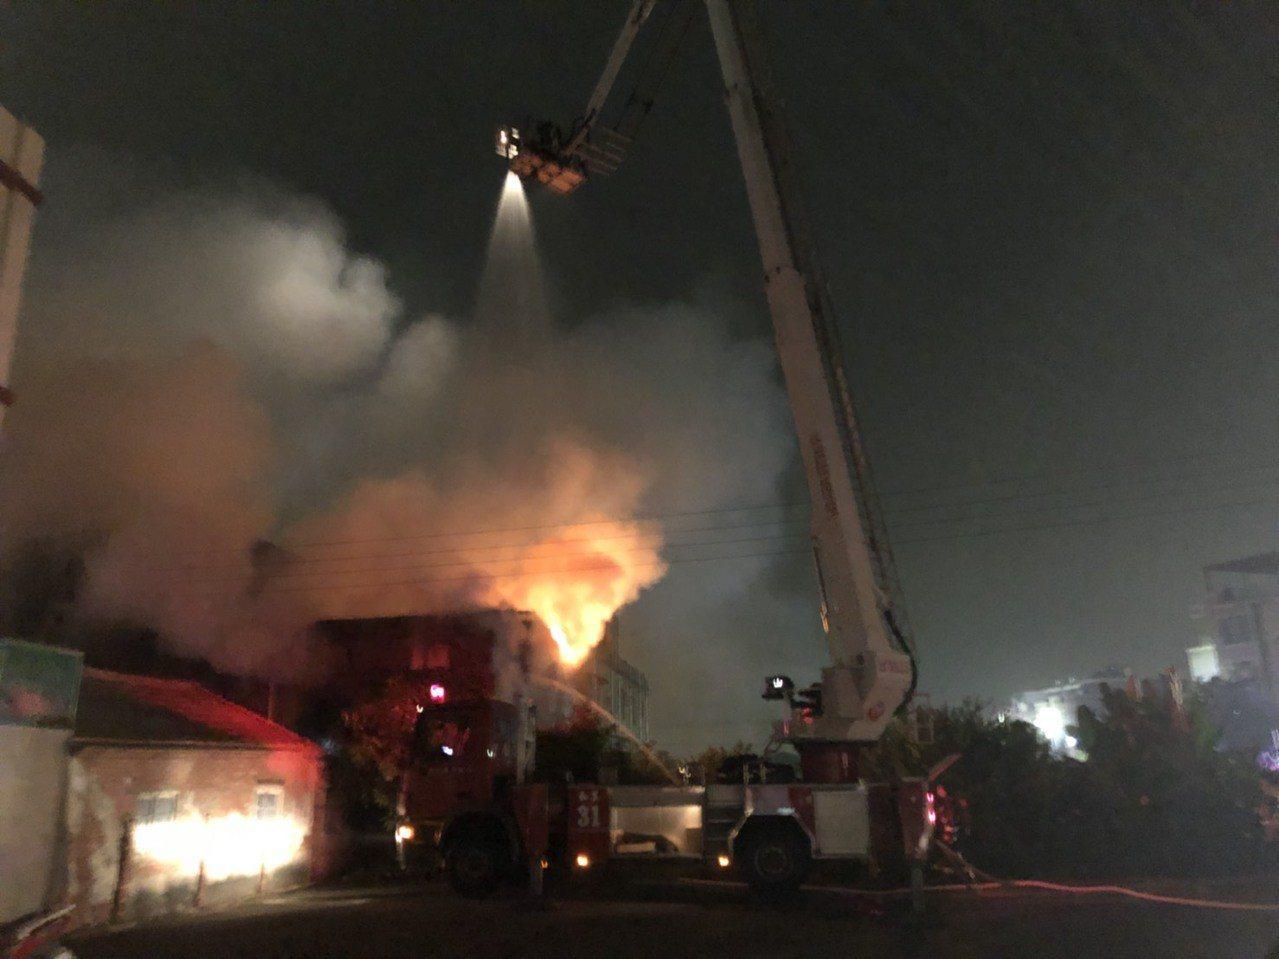 彰化縣和美鎮雅安路一家水龍頭工廠今晚7點20分發生火警,現場竄出大火及濃煙,消防...